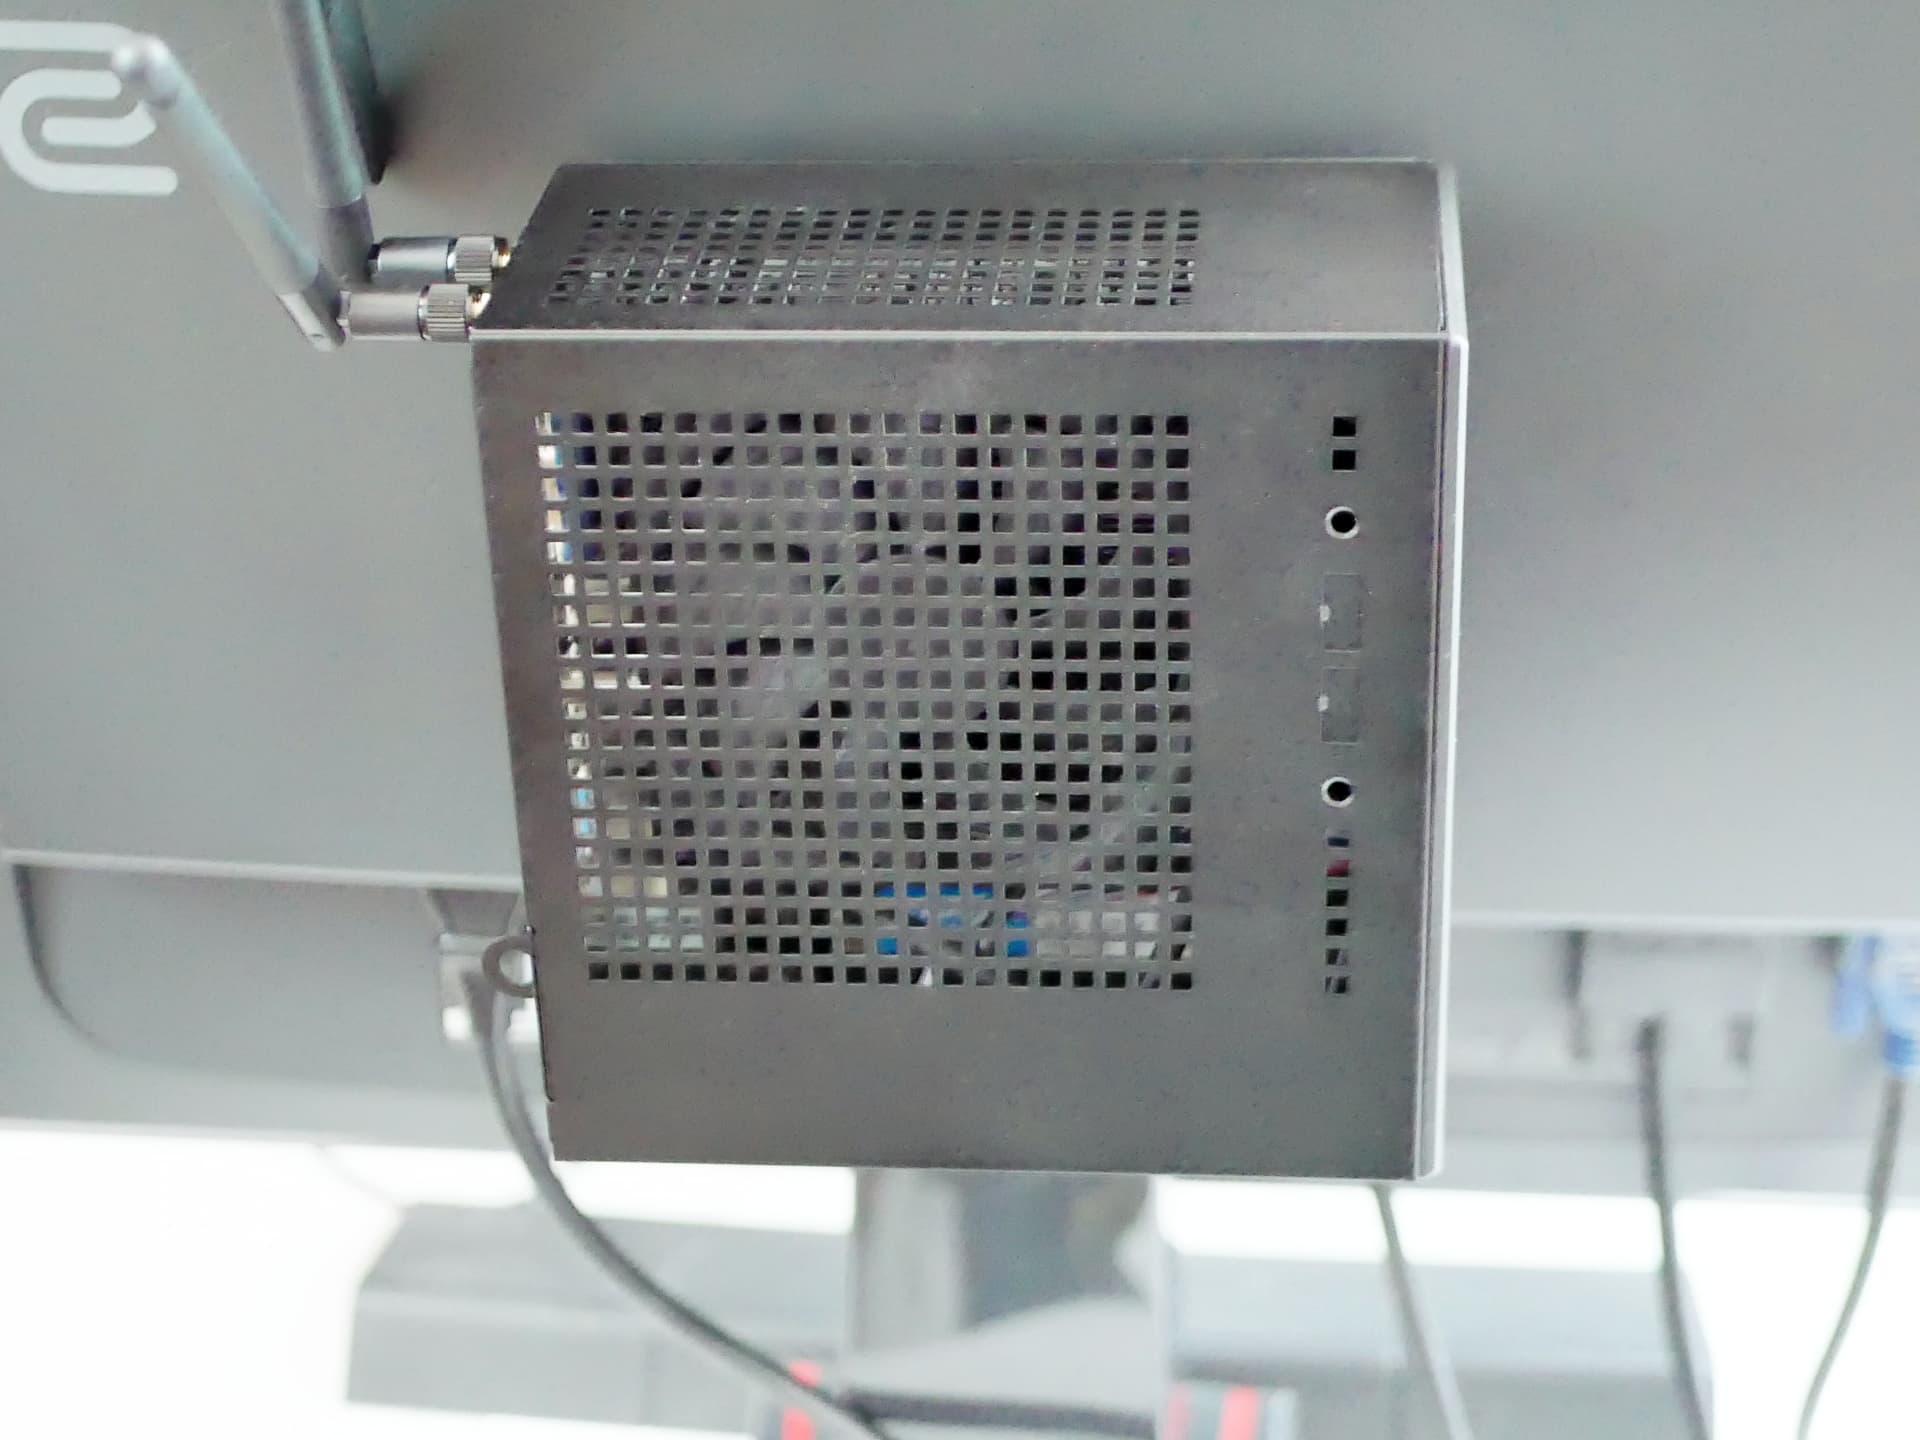 モニター裏に設置したDeskMini本体